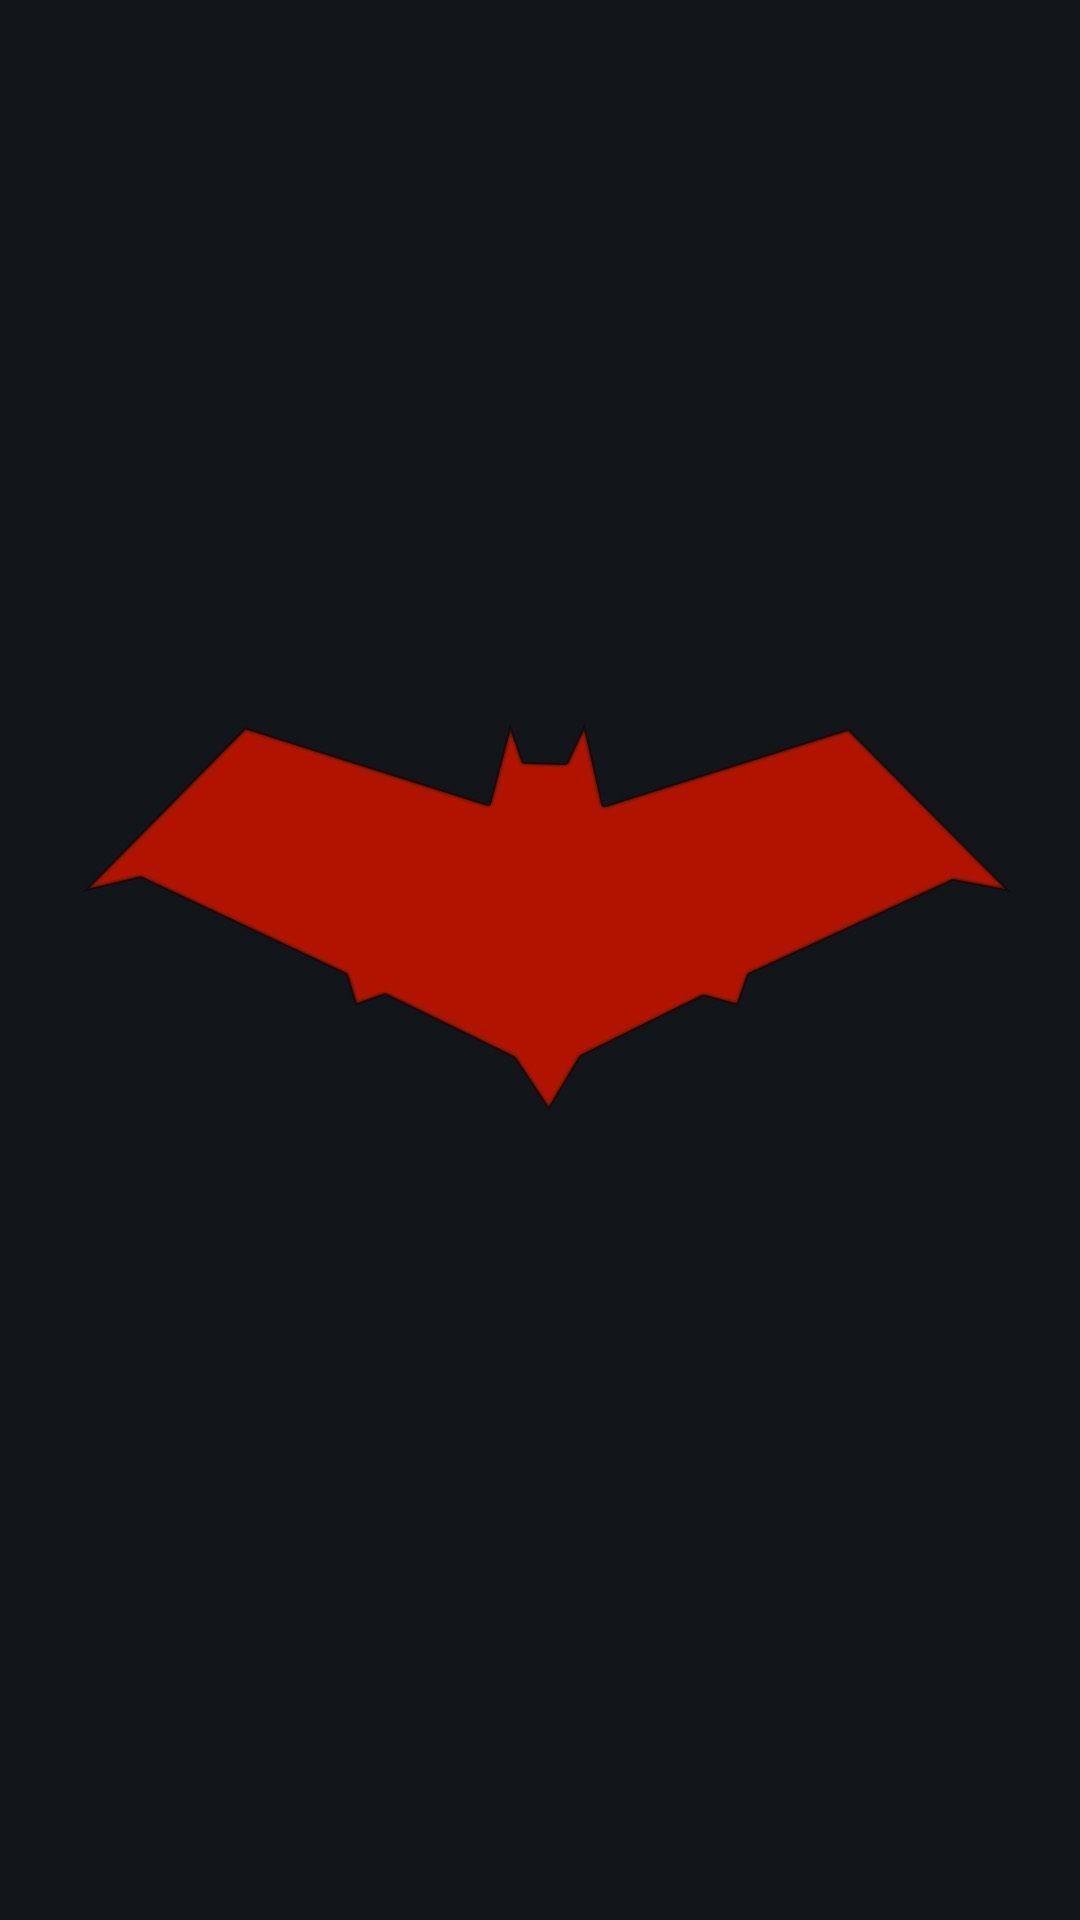 Photos-Batman-Logo-iPhone-Wallpapers-001